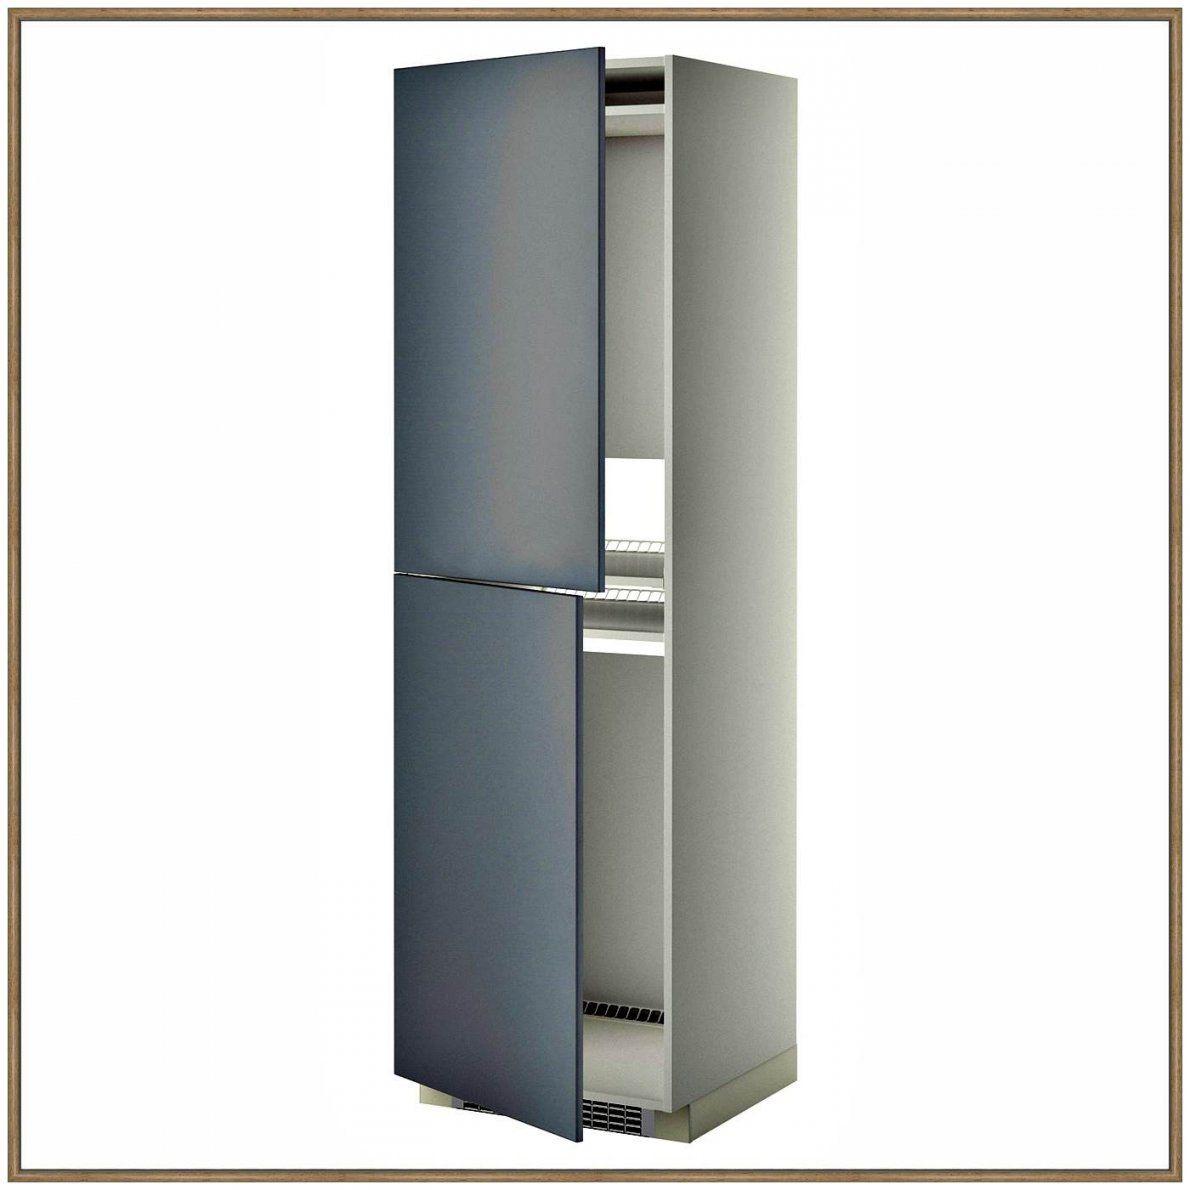 waschmaschine ikea 83181 waschmaschine trockner schrank schrank f r von schrank f r. Black Bedroom Furniture Sets. Home Design Ideas